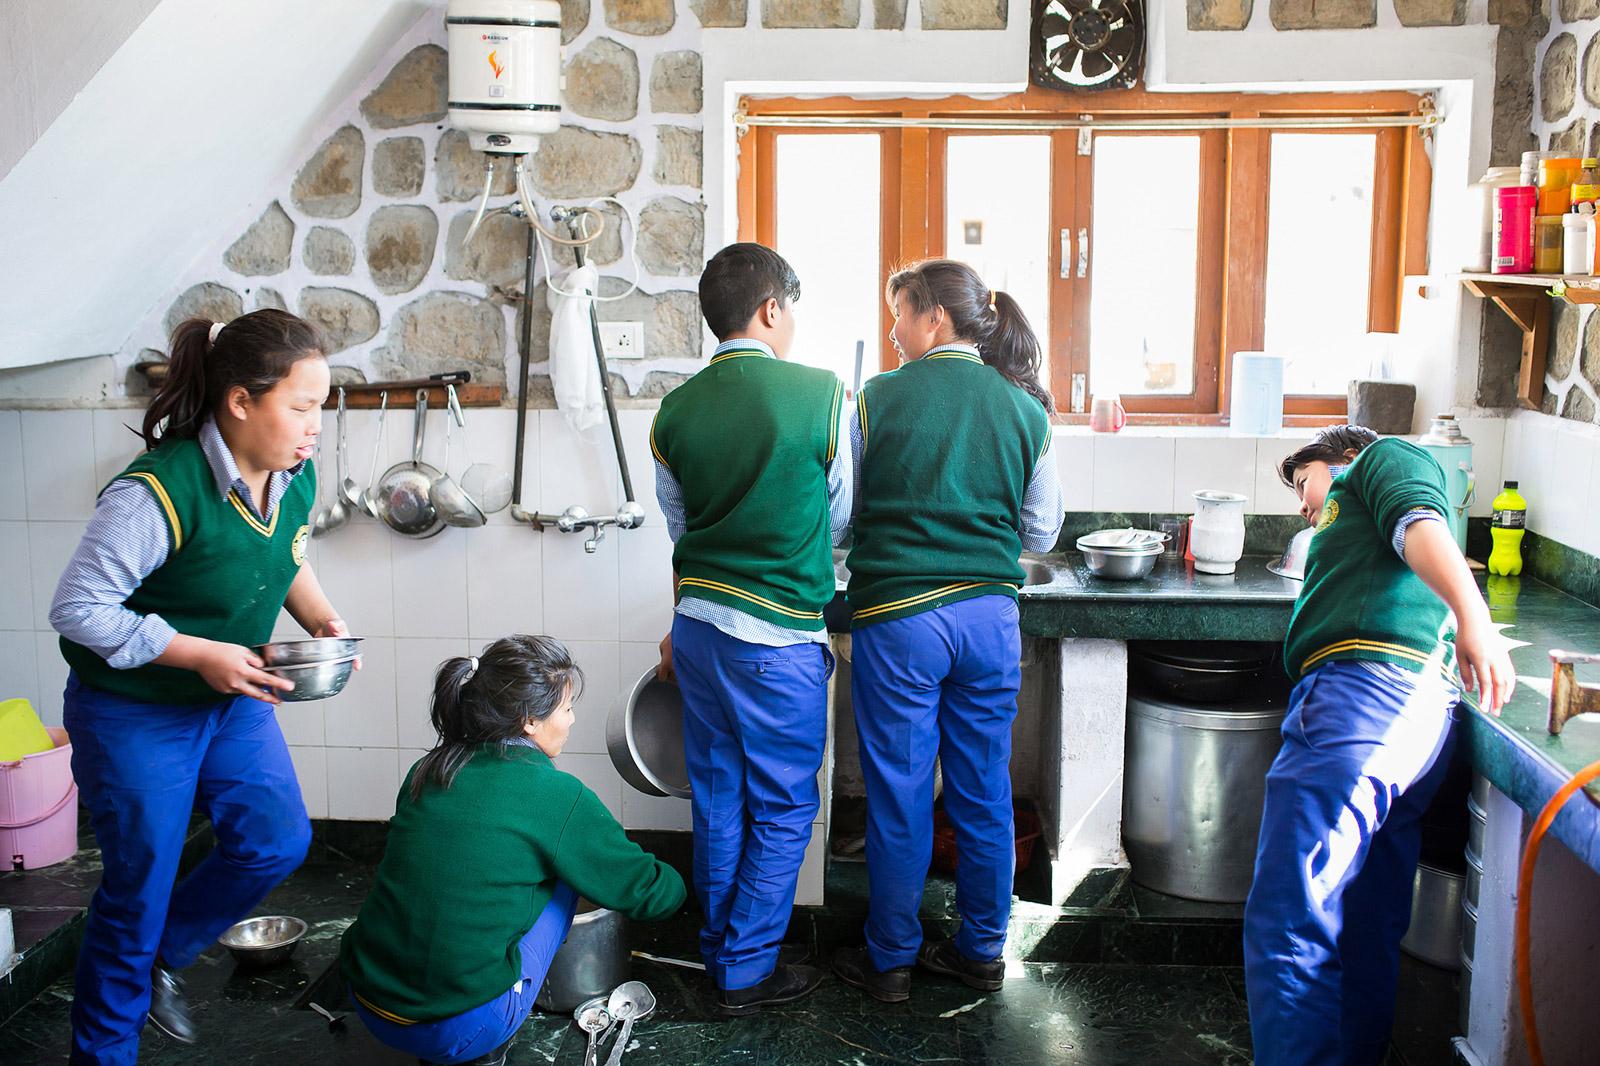 Cuisine, lessive, nettoyage, vaisselle : toutes les tâches mén